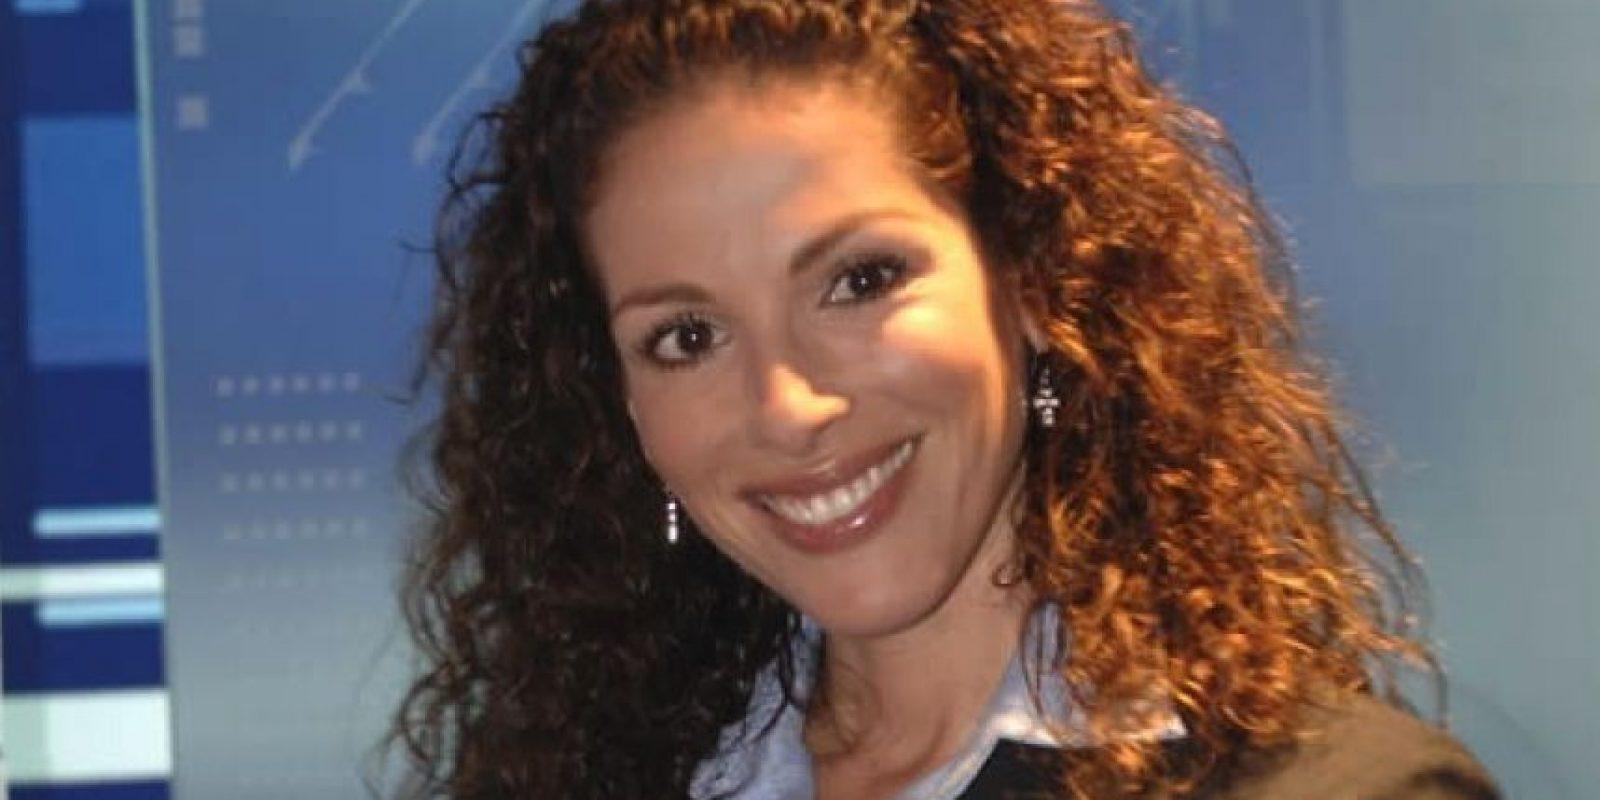 Y en 2005 se convirtió en una conductora de Televisa Deportes. Foto:Televisa